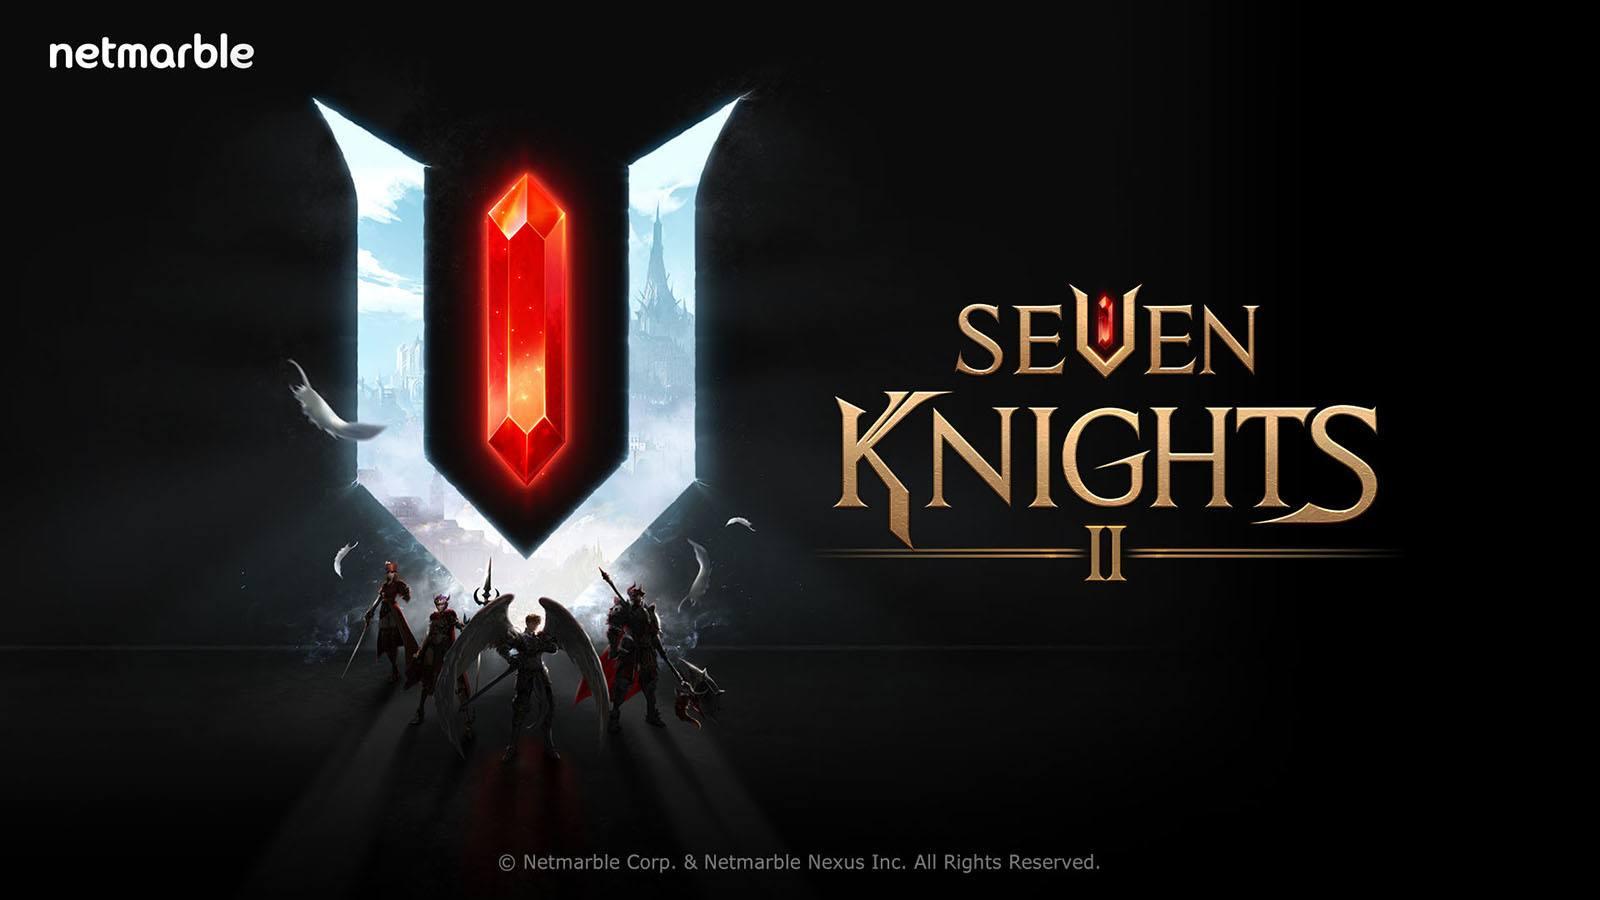 韓國網石遊戲MMORPG新作《七騎士 2(Seven Knights 2)》即將推出